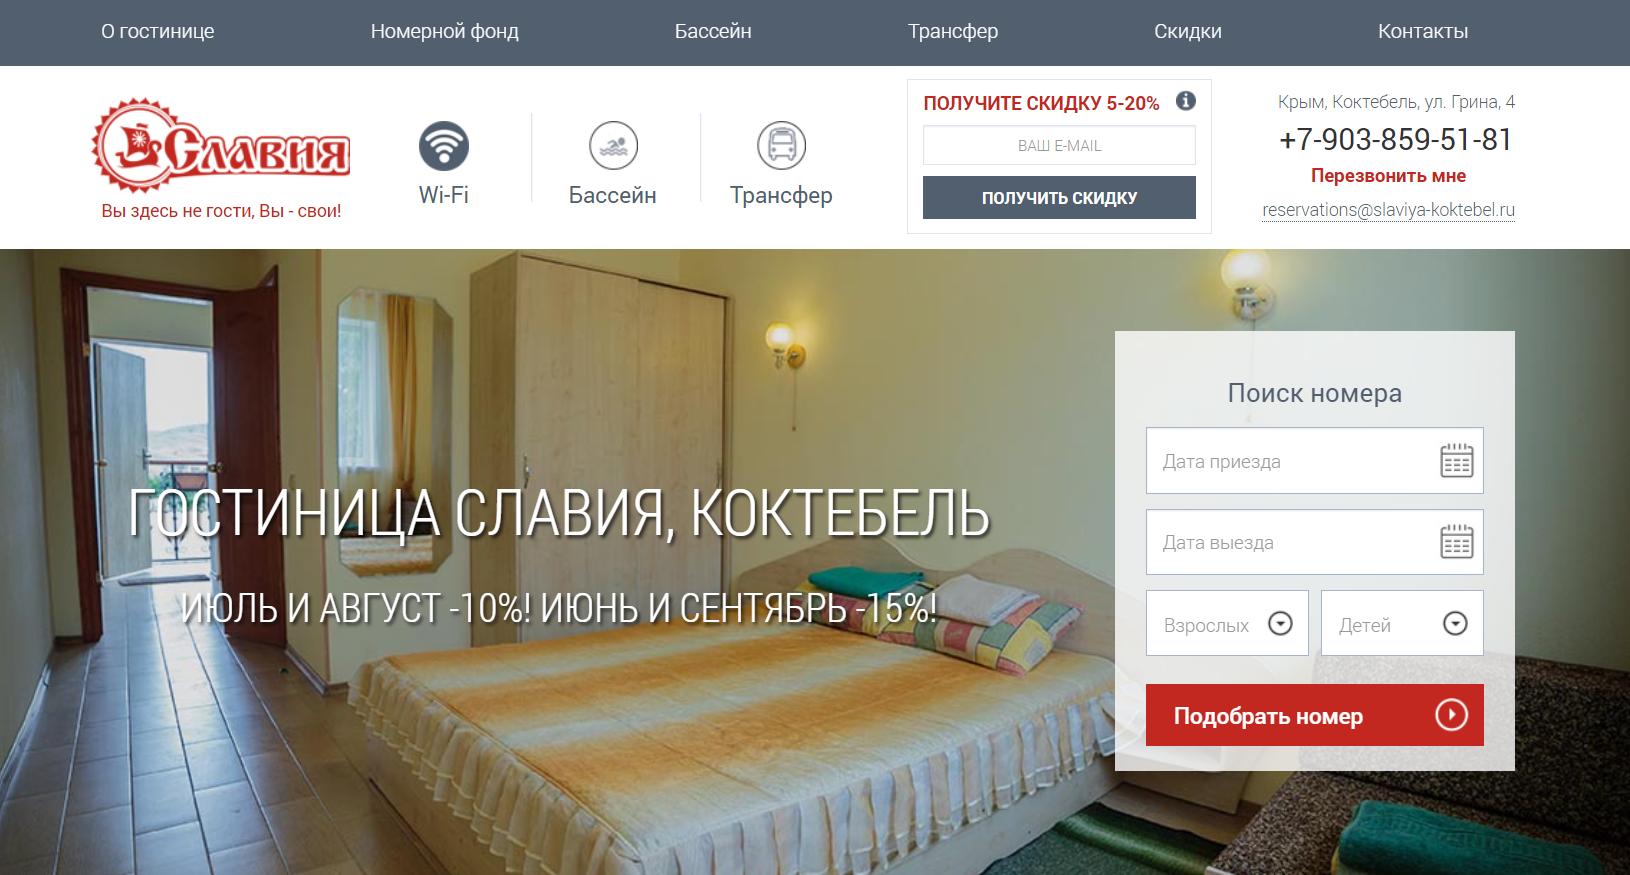 Сайт гостиницы Славия